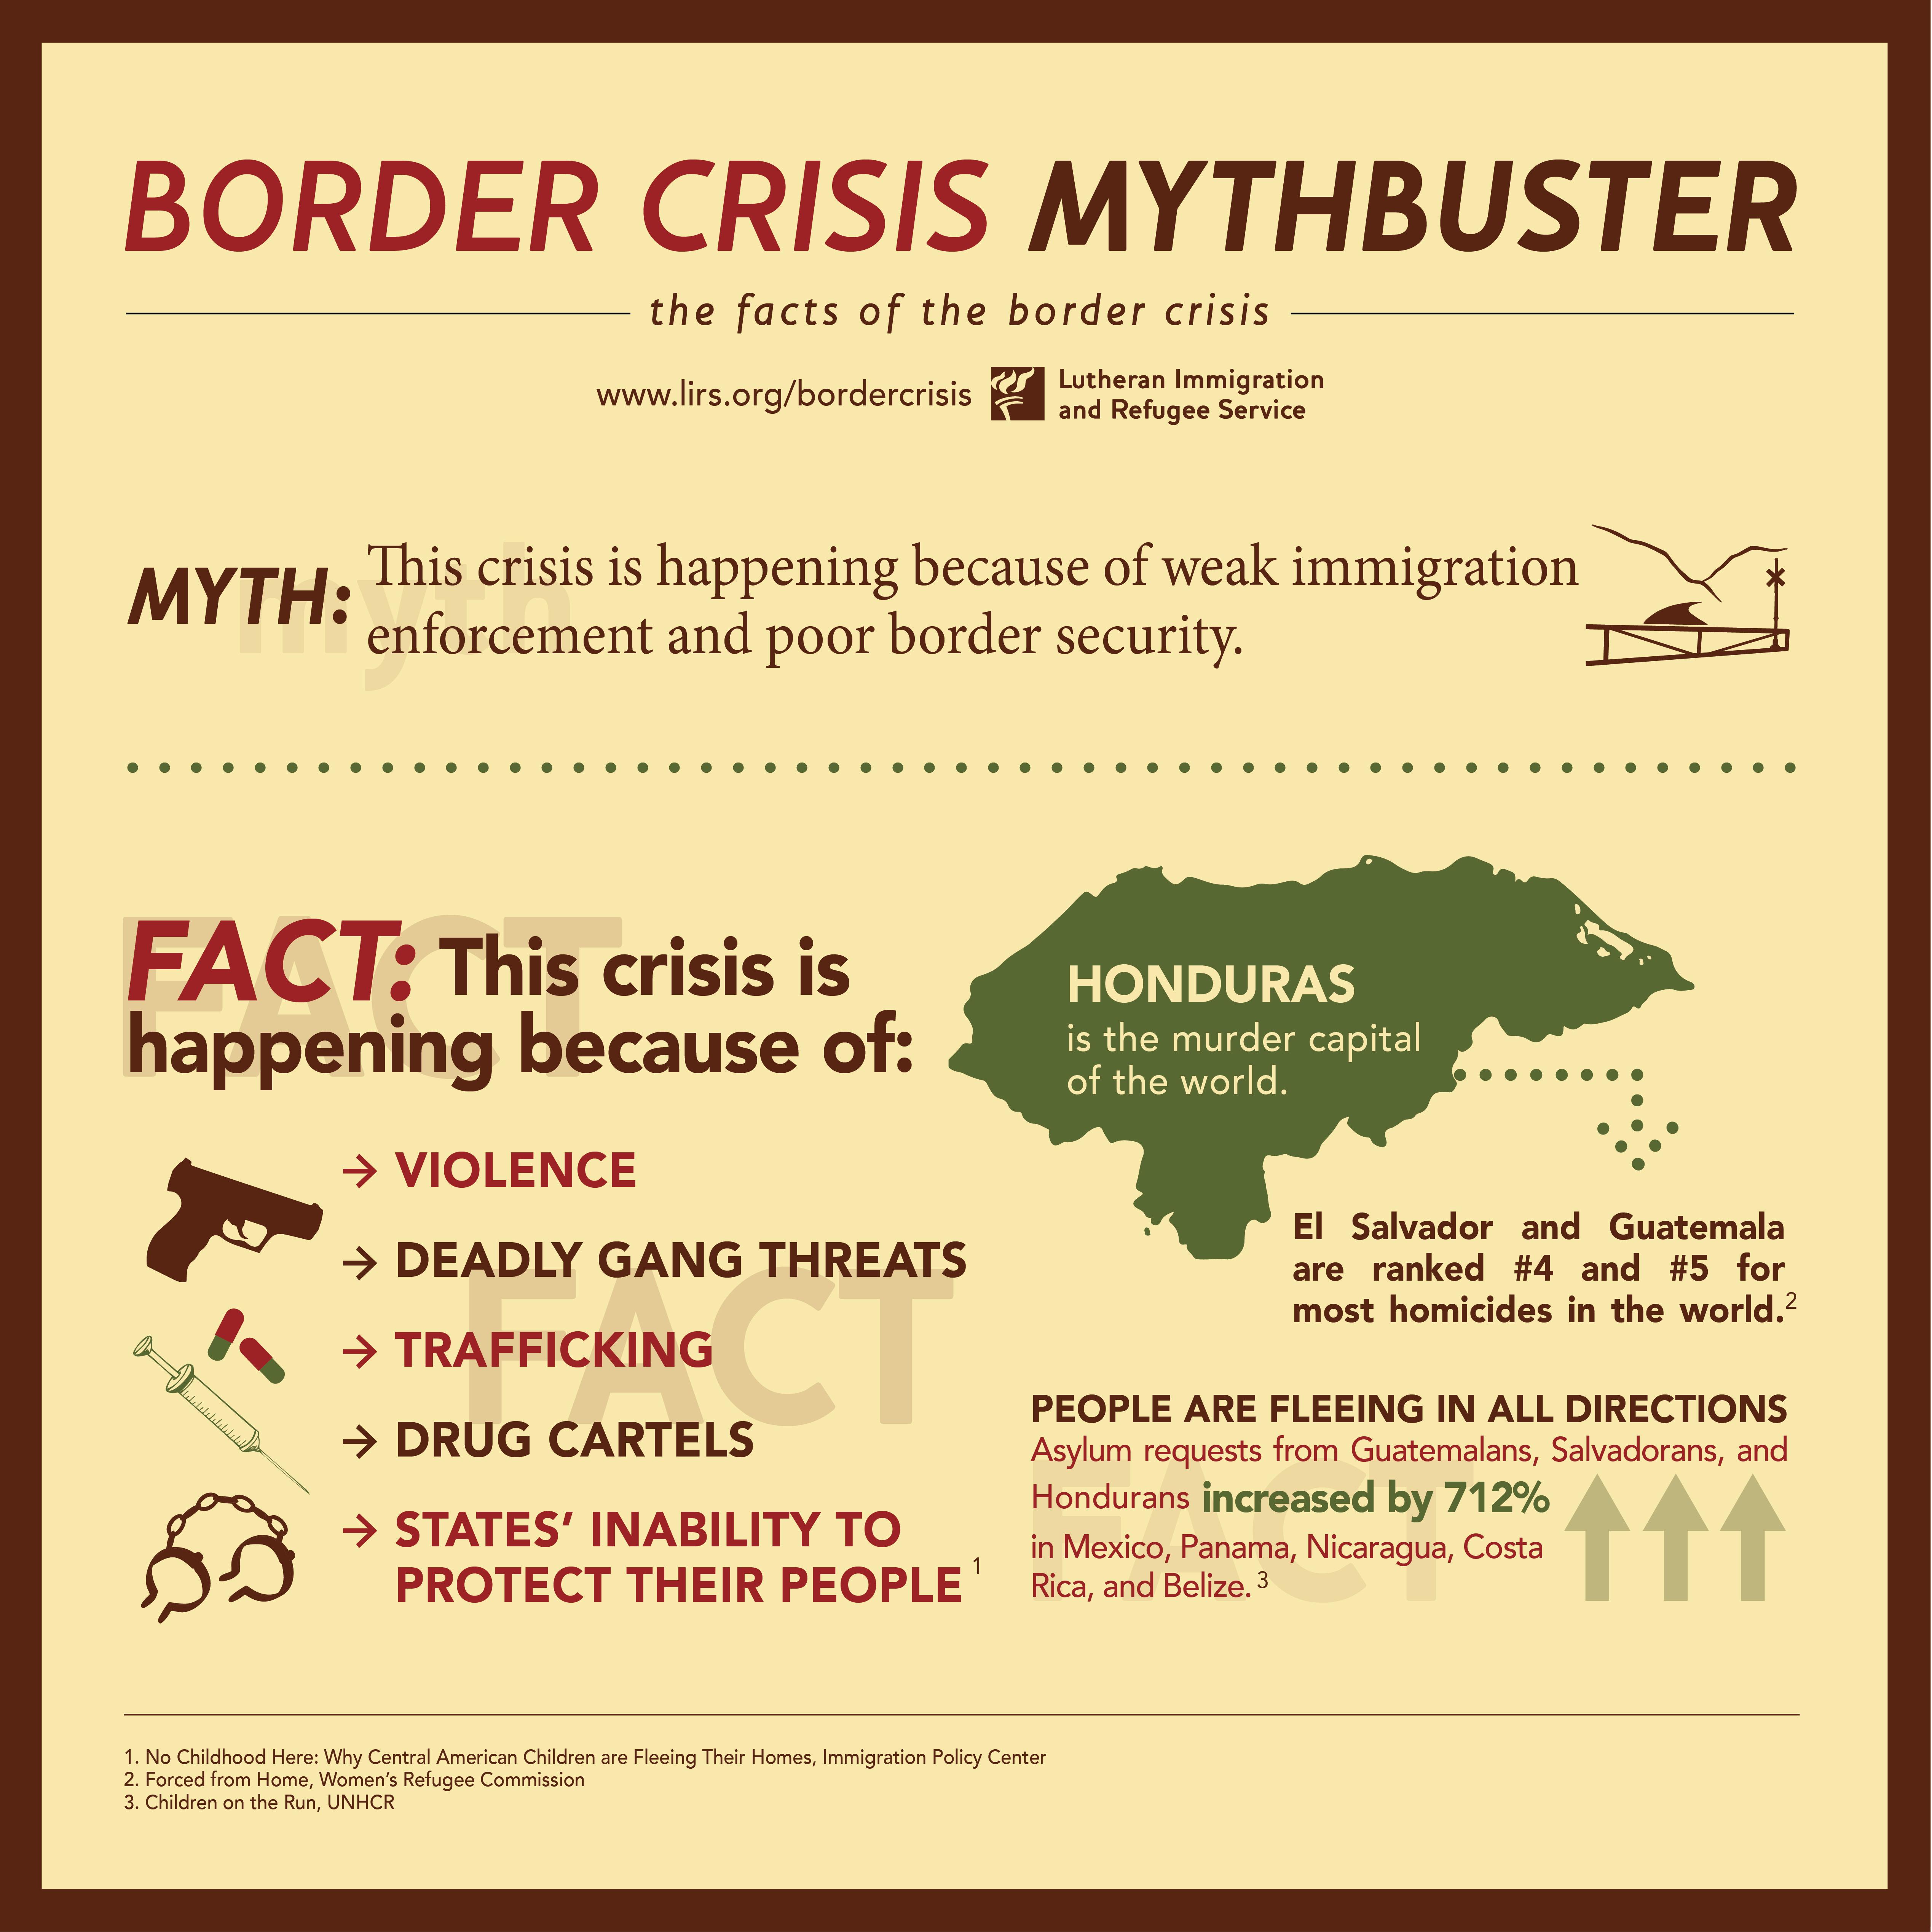 Mythbuster_border_crisis_1200x1200-02